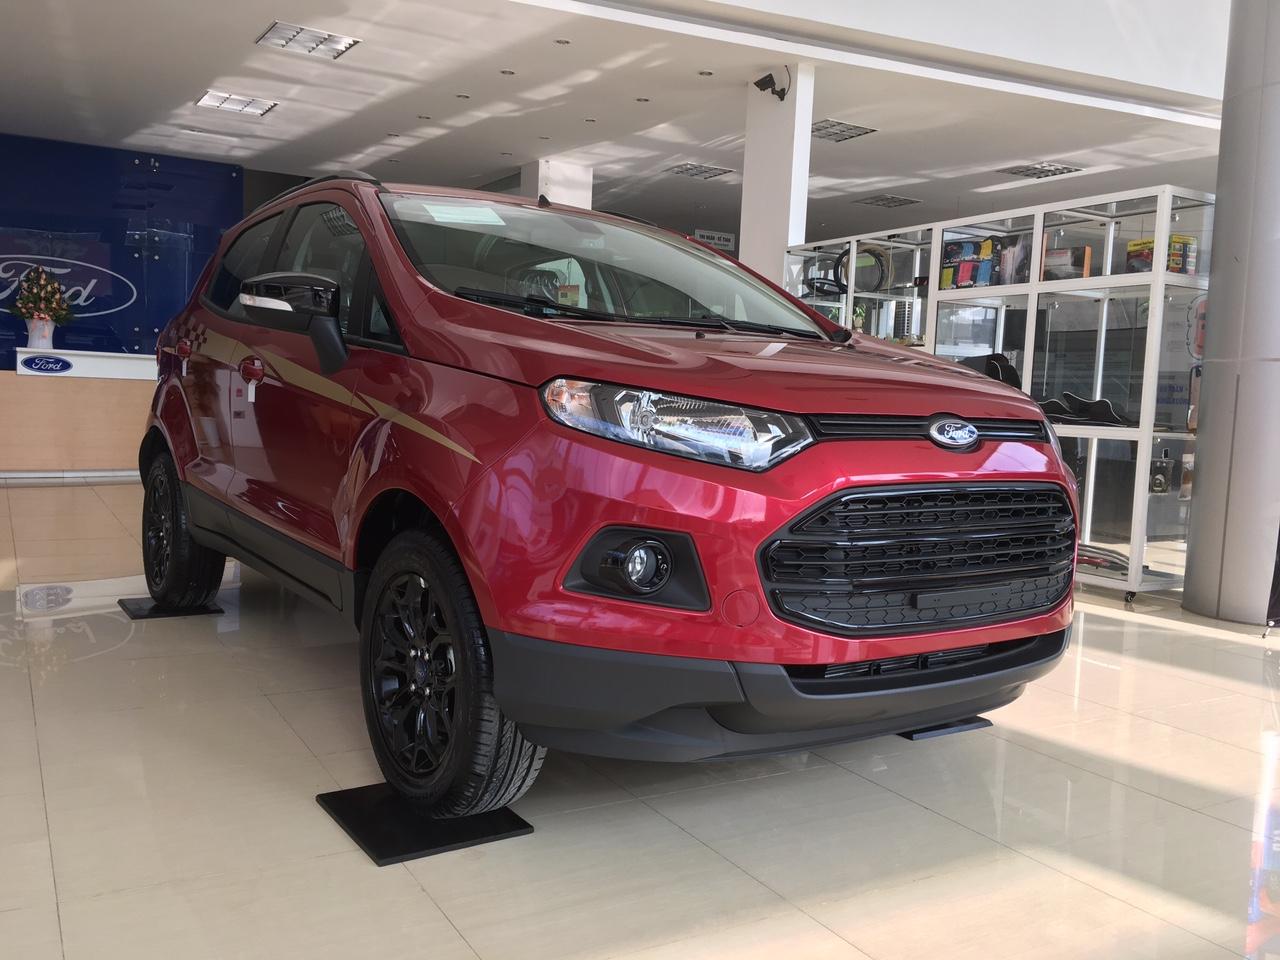 Ford Ecosport Black Editon Màu Đỏ - Giao ngay tại An Đô Ford